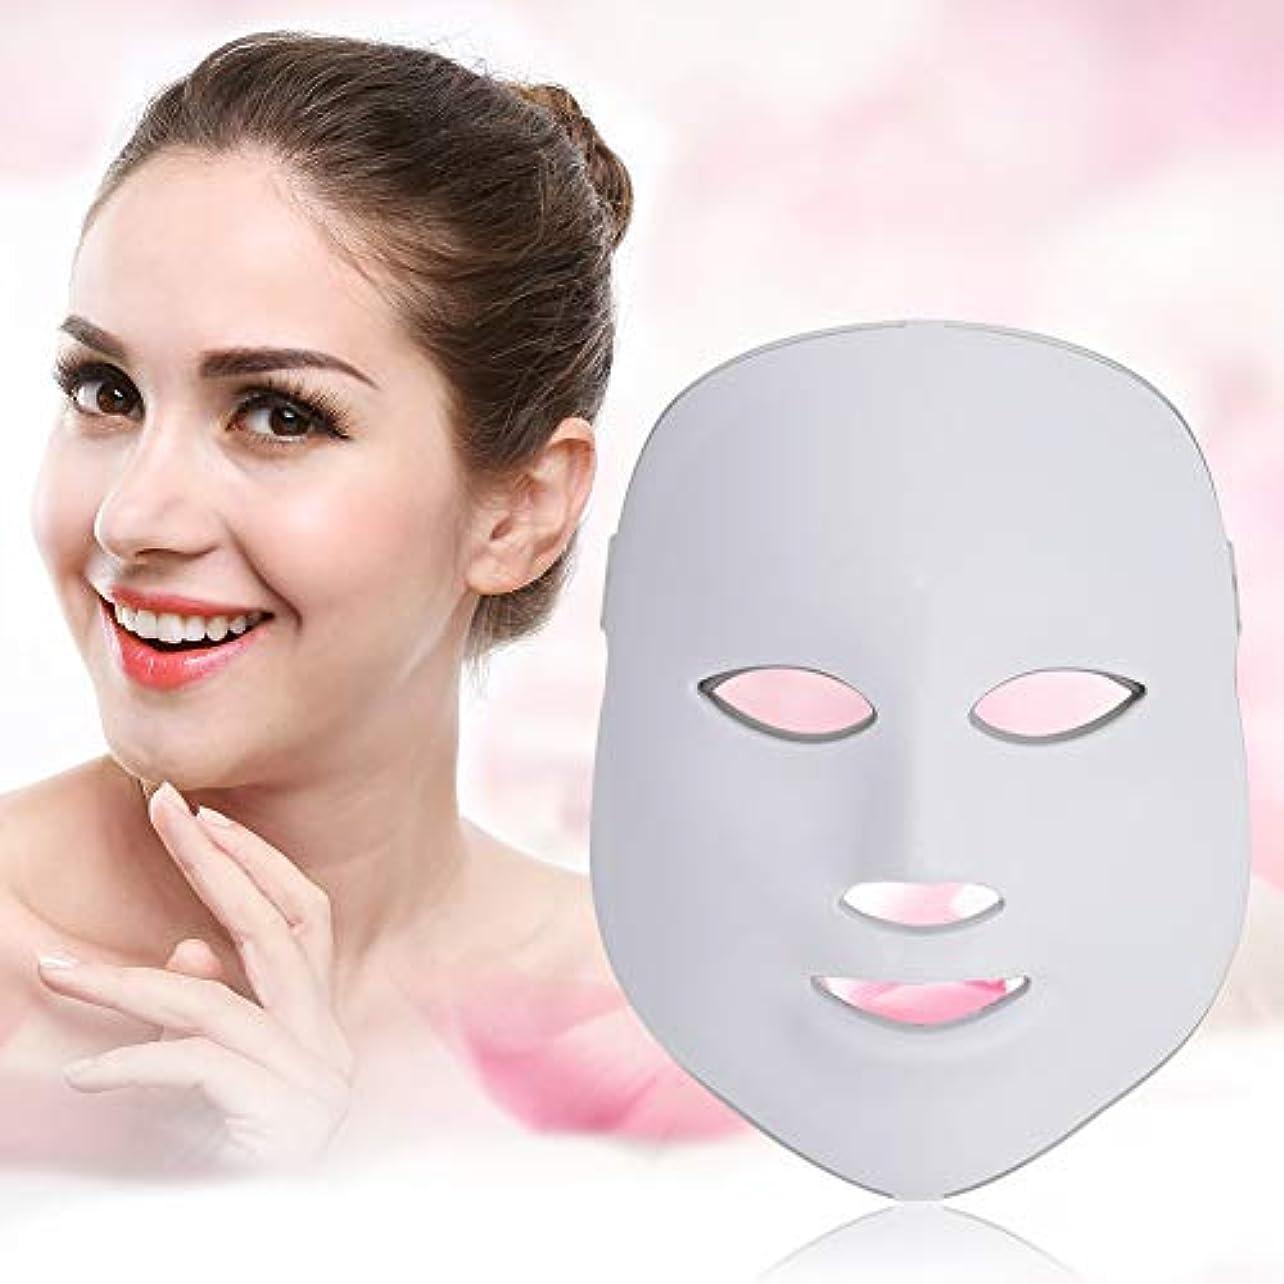 スリム資格排除する7色Ledフェイスマスク-顔&首光肌若返りスキンケアマスク、しわを改善、引き締め、滑らかな肌(米国のプラグ)